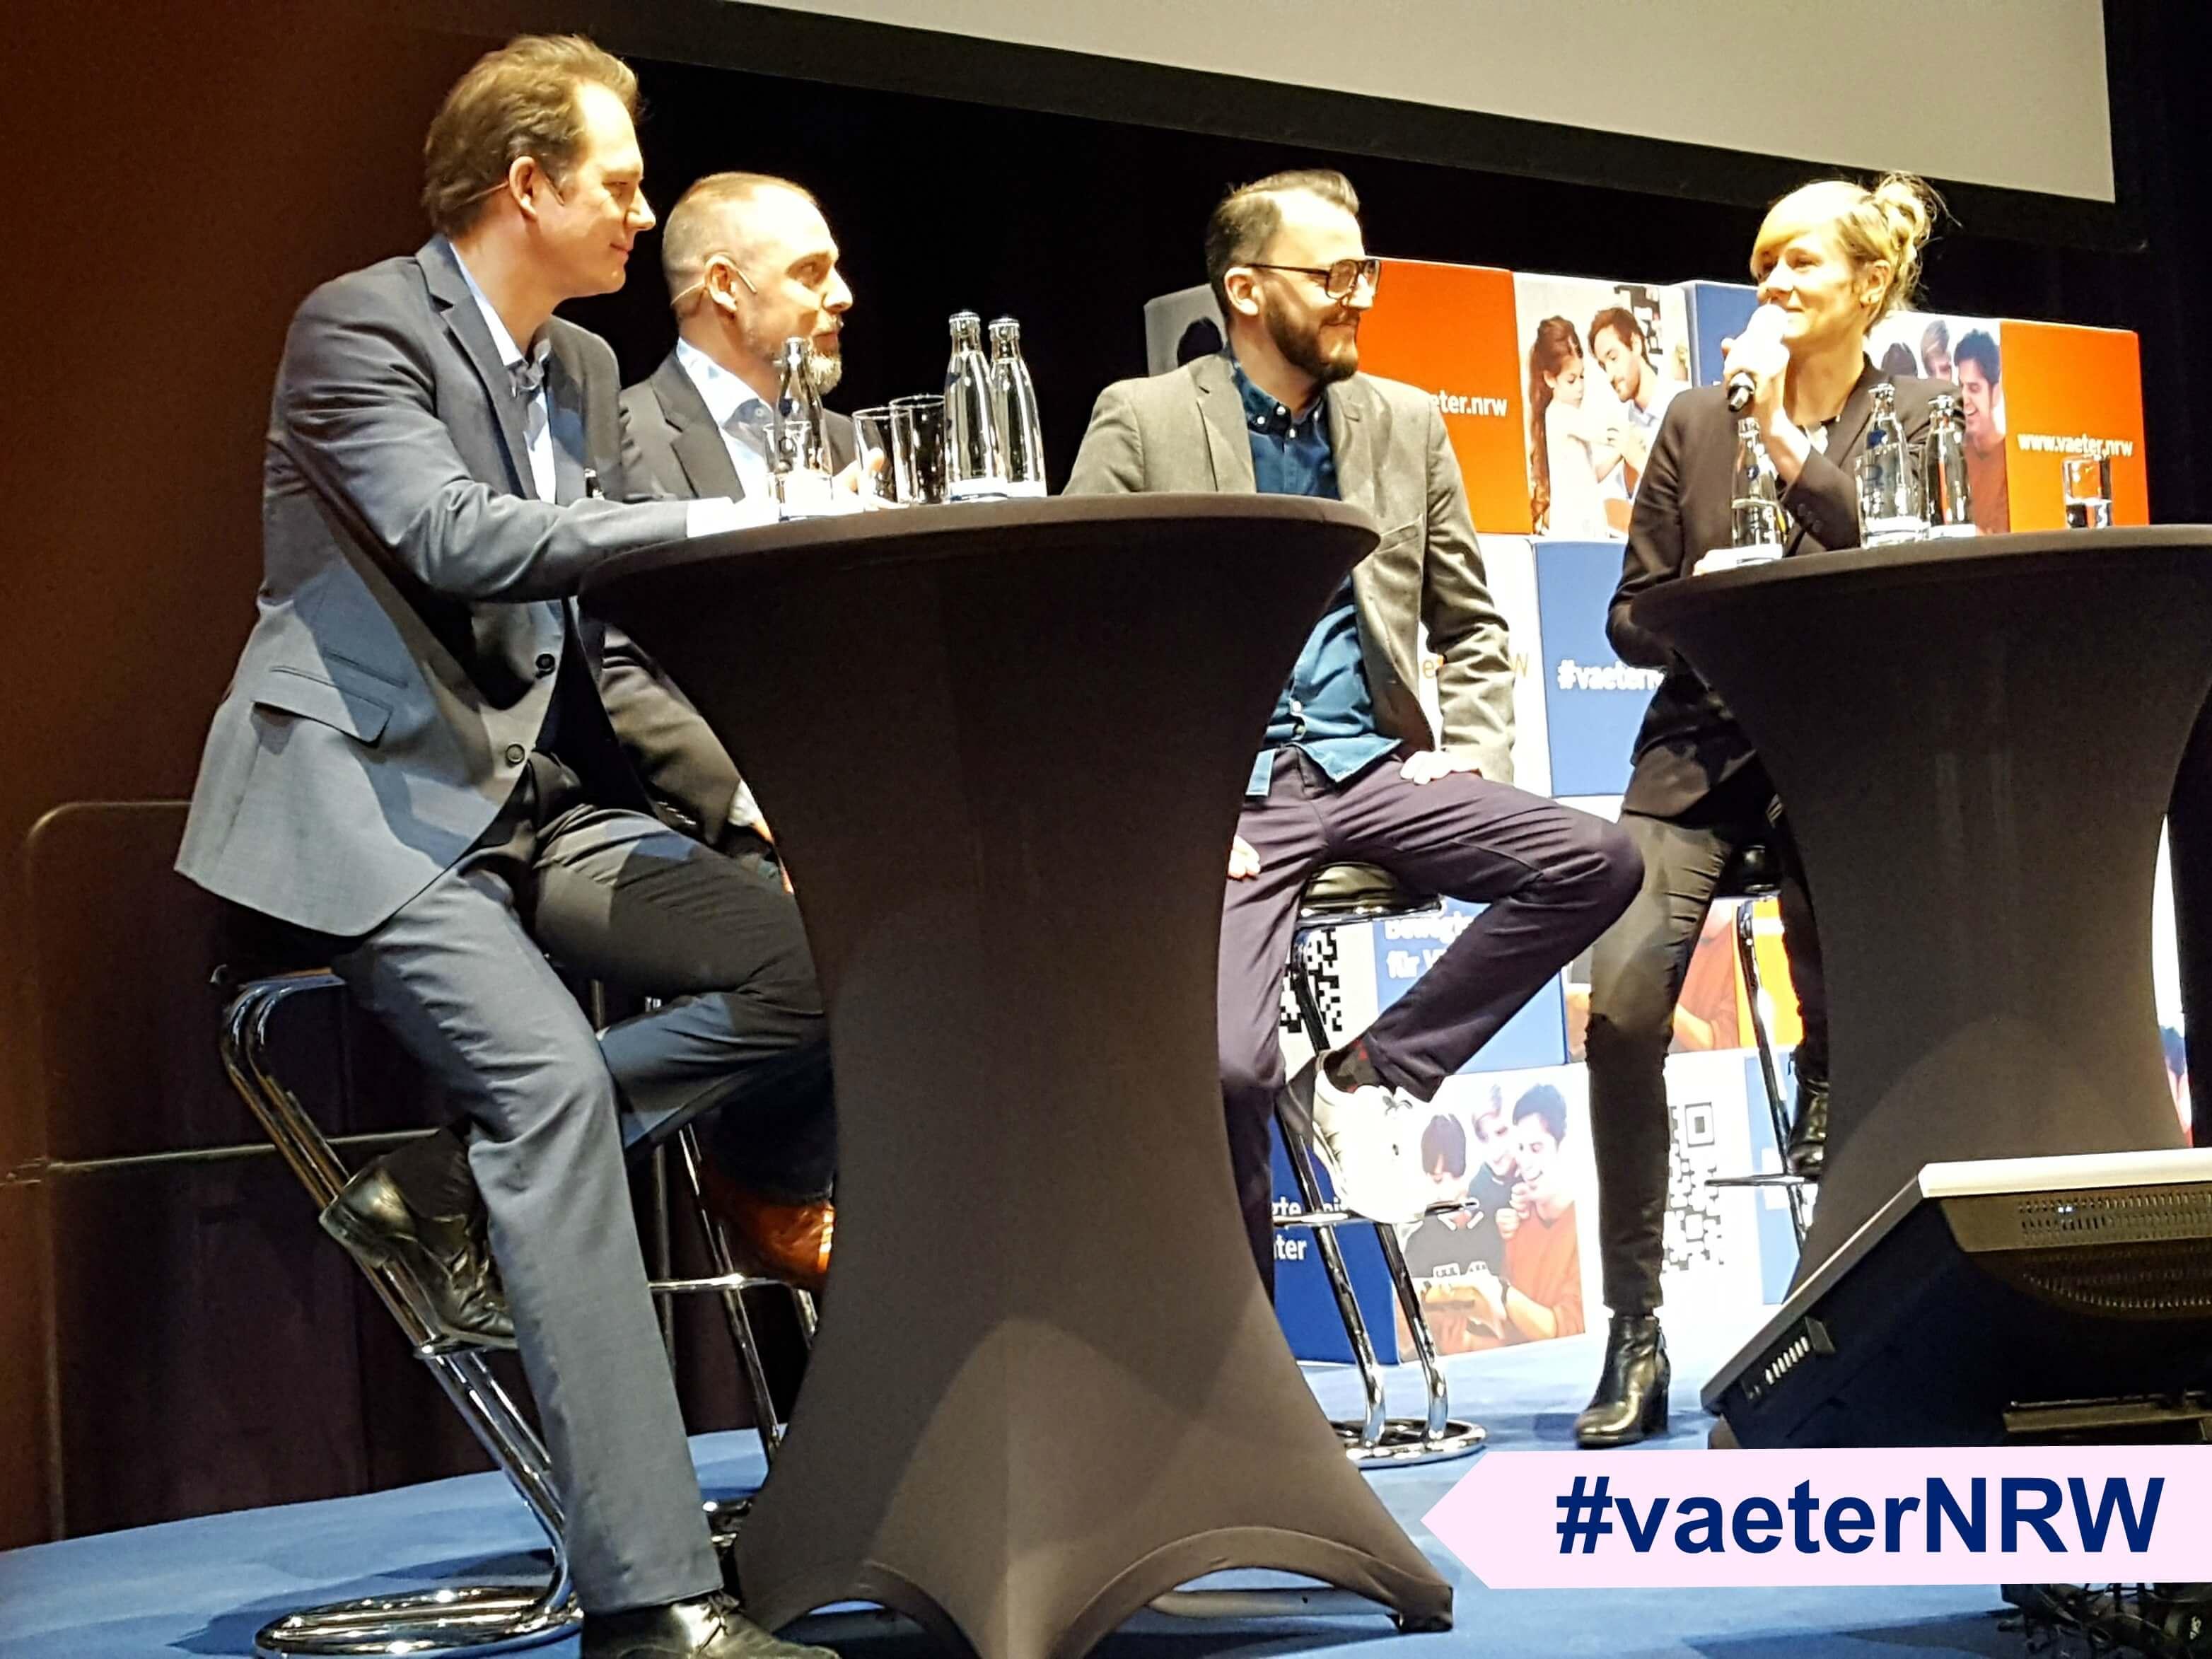 """Podiumsdiskussion auf dem Fachkongress """"Bewegte Zeiten für Väter"""" #vaeterNRW"""